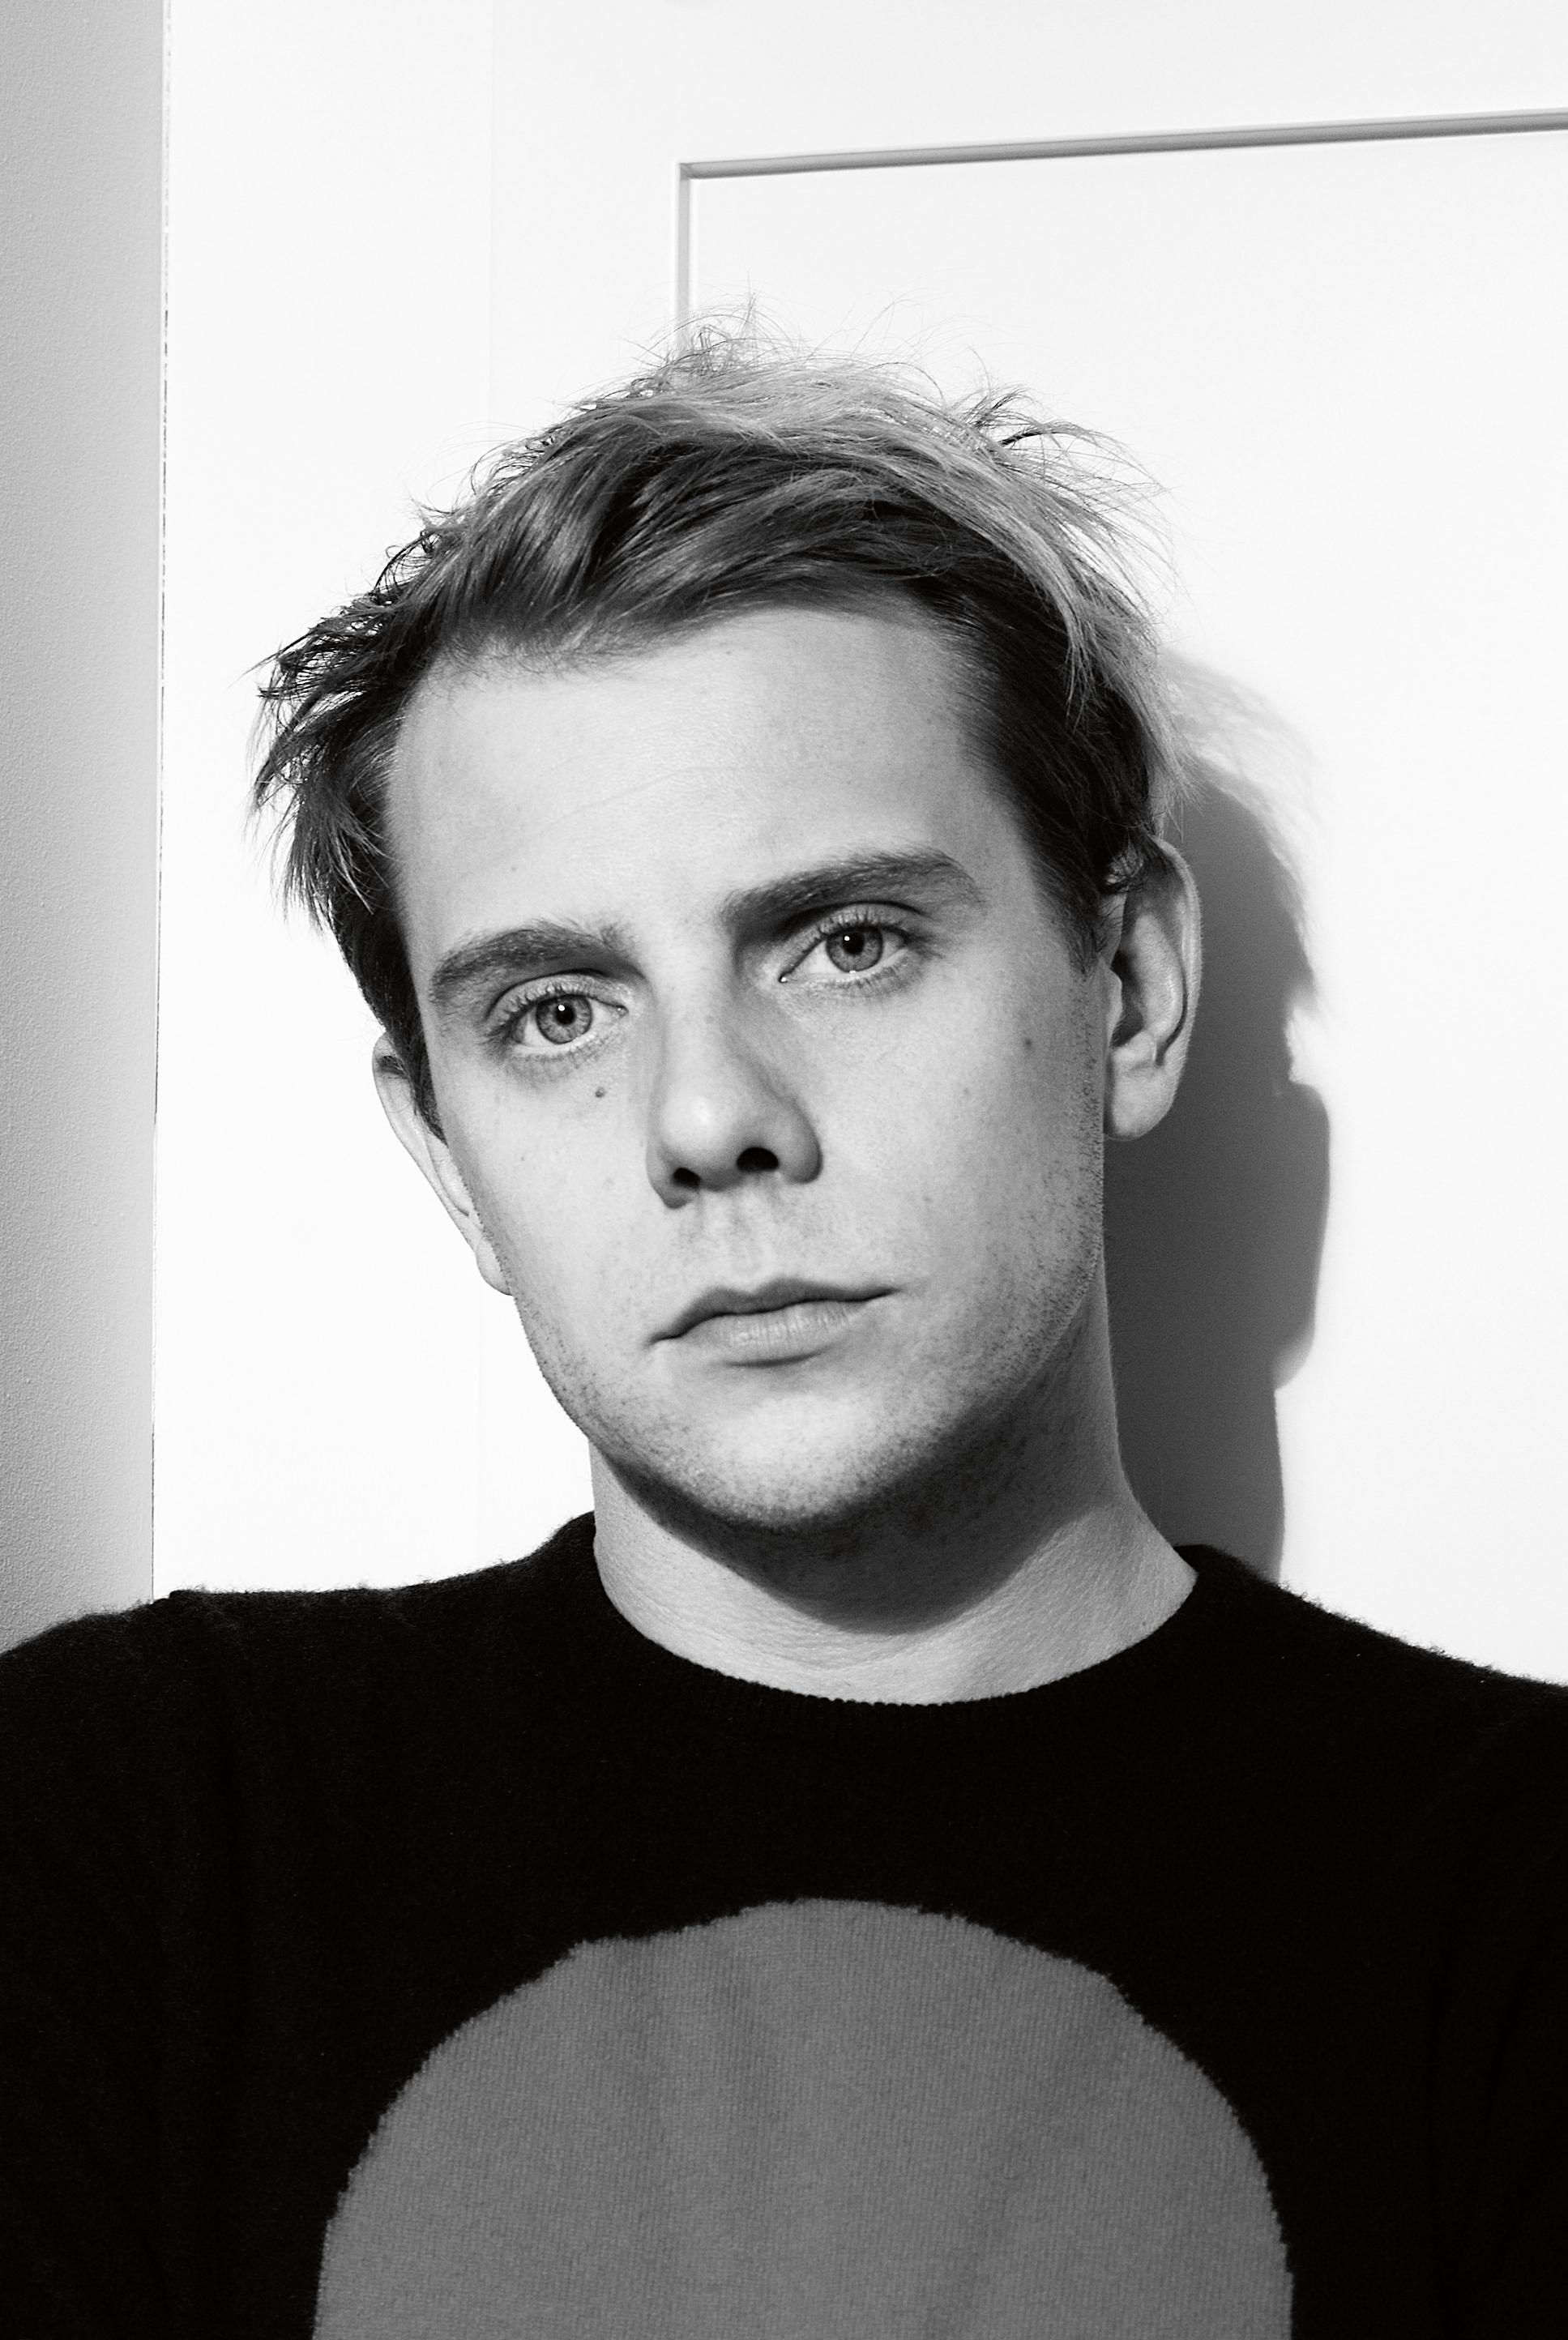 Jonathan Anderson, directeur artistique de Loewe à l'ascension fulgurante